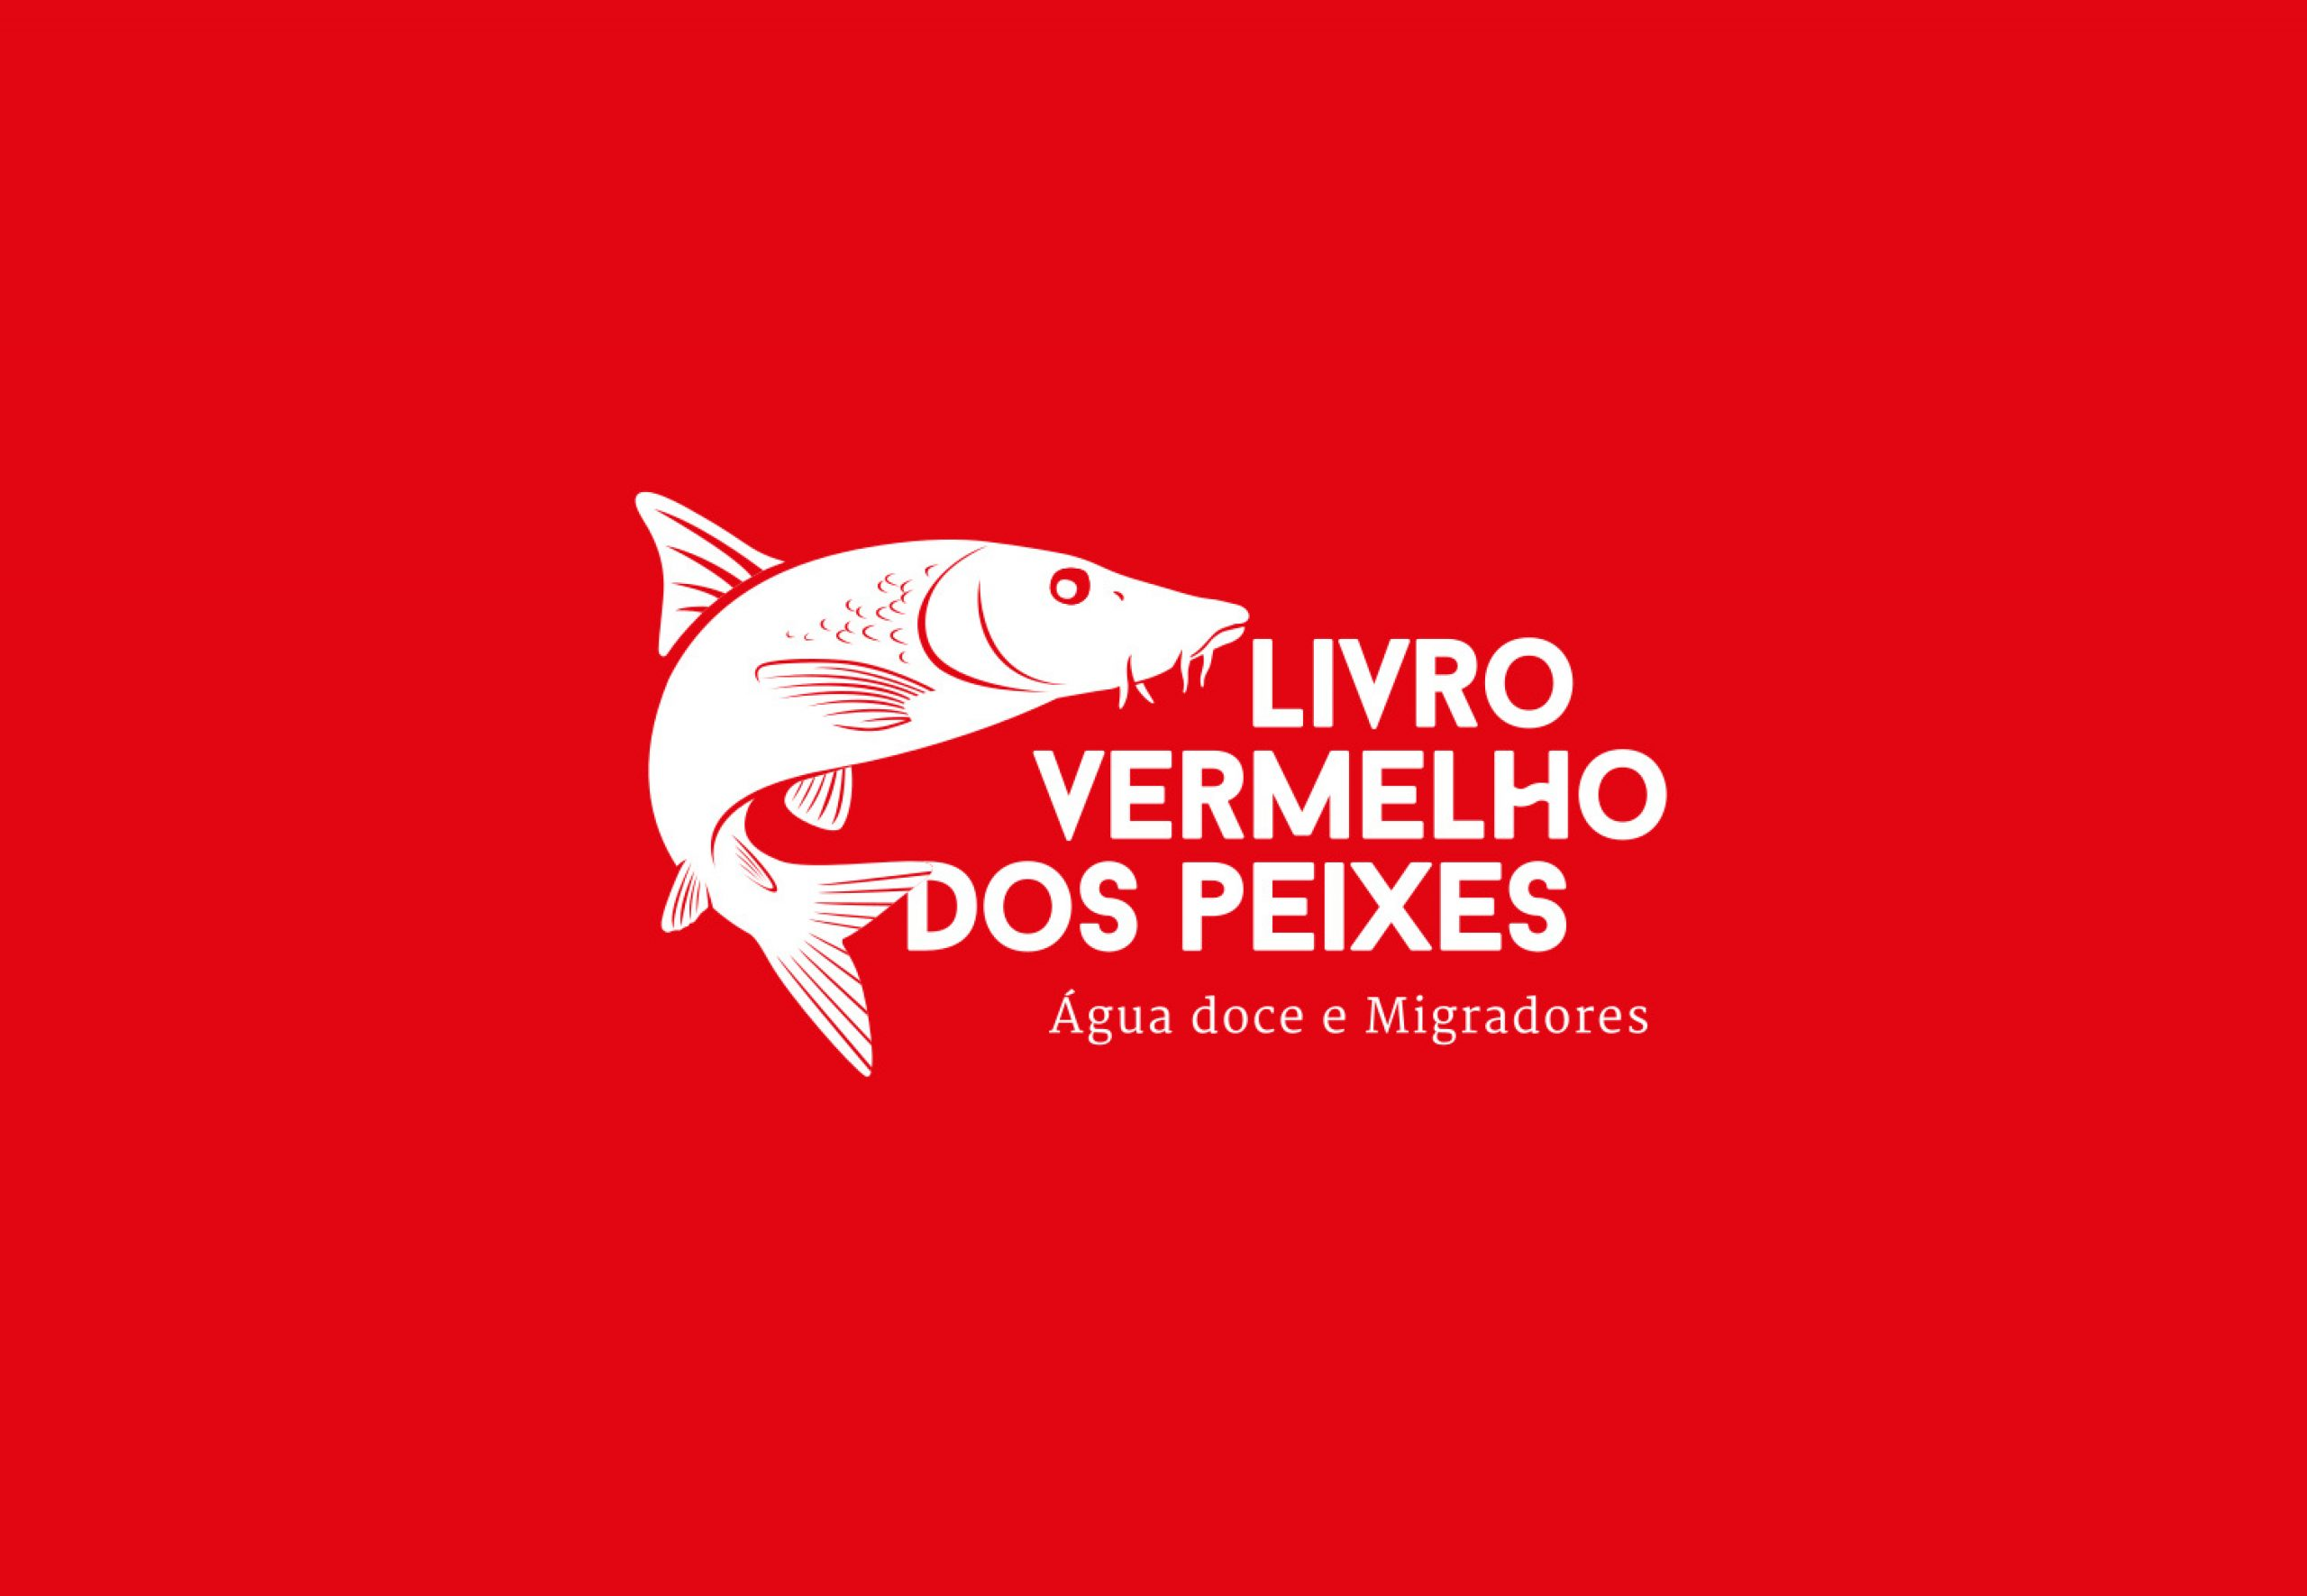 Livro Vermelho dos Peixes de Água Doce e Migradores